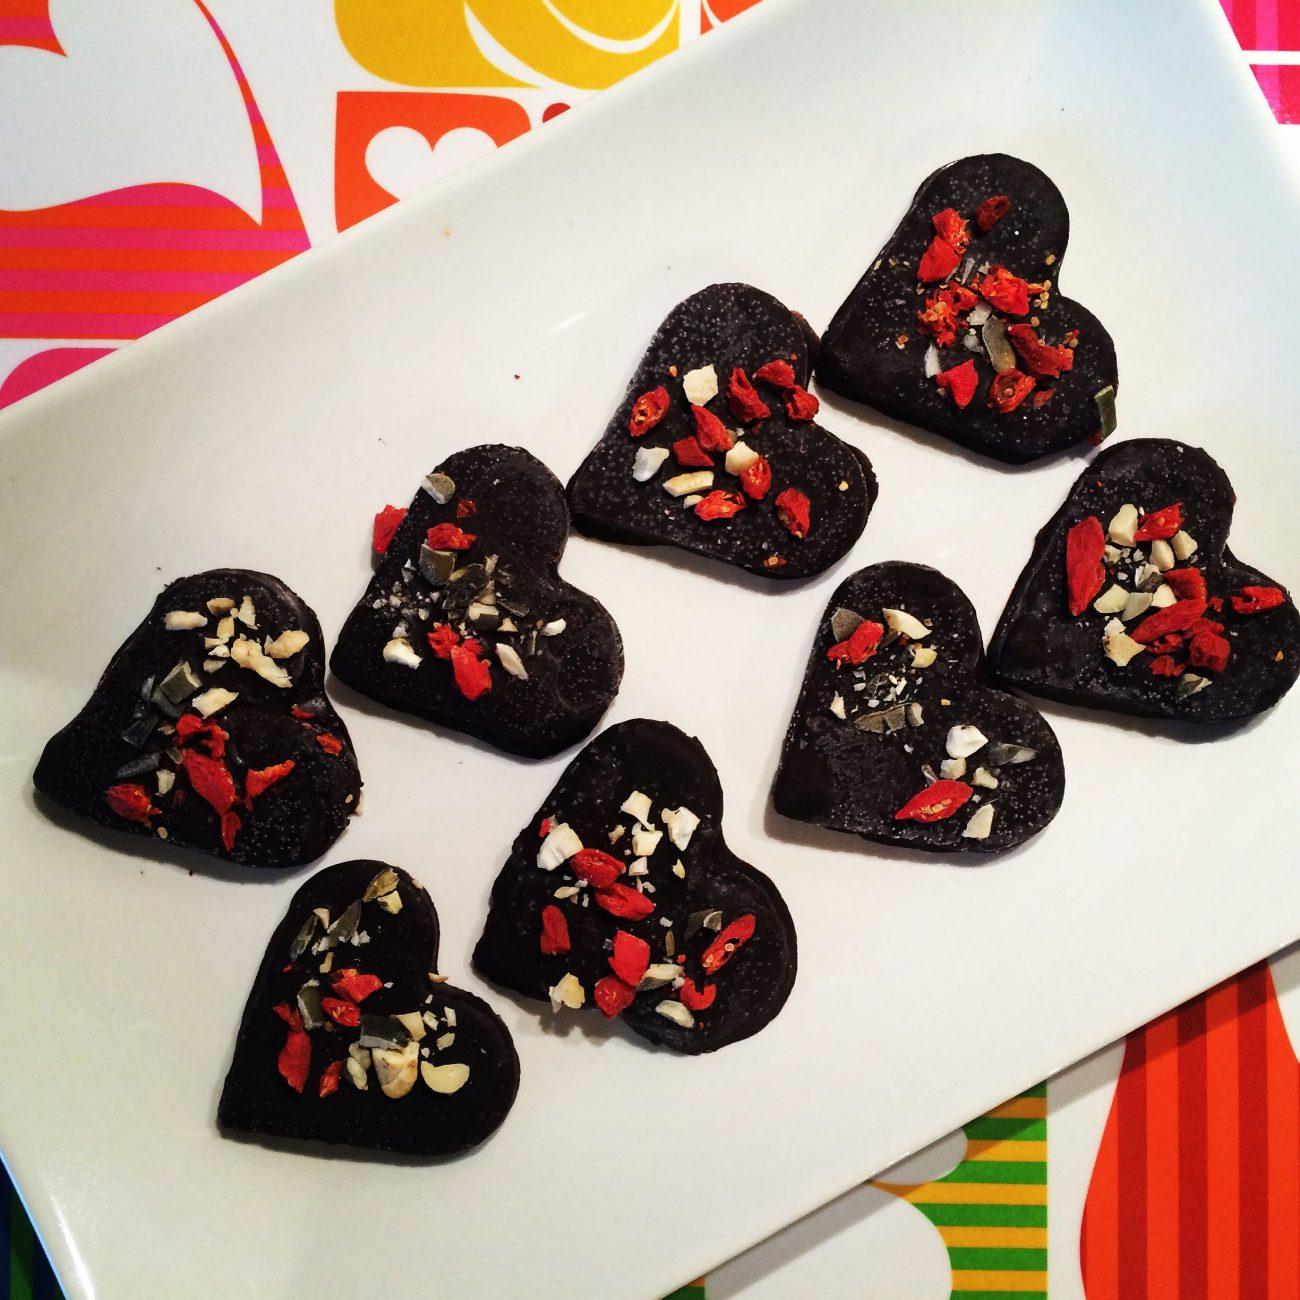 Σοκολατάκια με καραμέλα